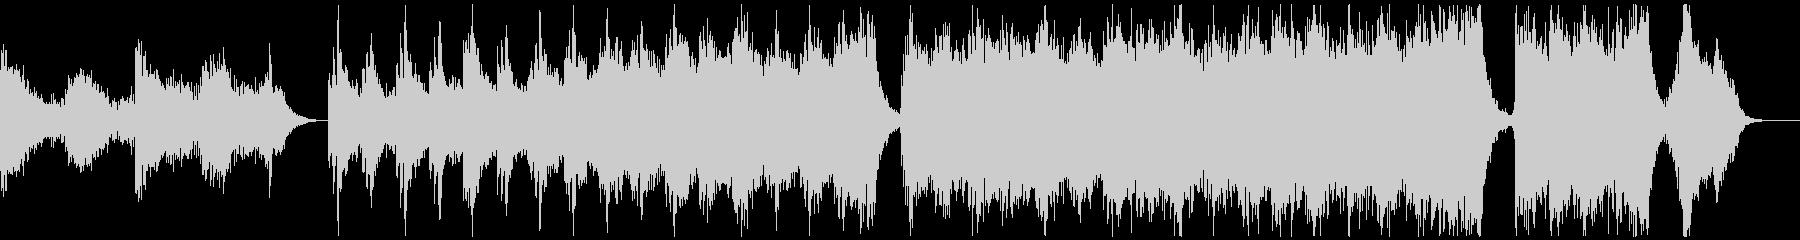 【予告編】トレーラー・ハリウッド・ダークの未再生の波形